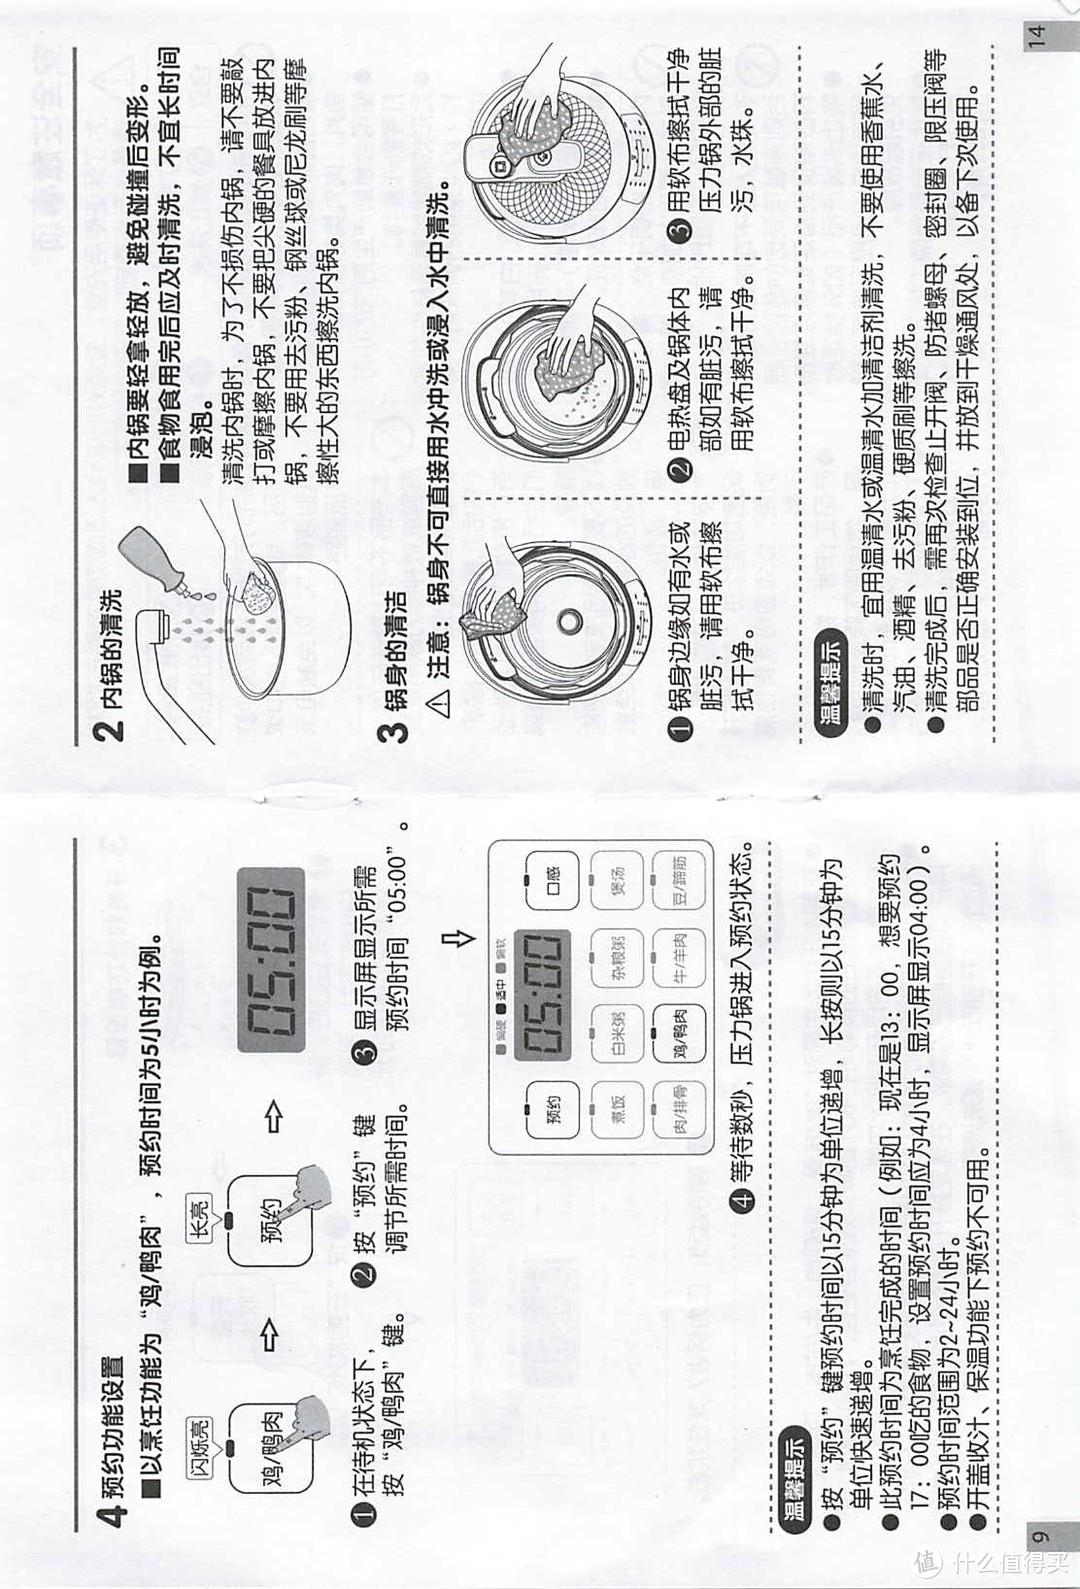 迷你电饭煲苏泊尔(SUPOR)电压力锅 一键排气 开盖收汁 智能迷你